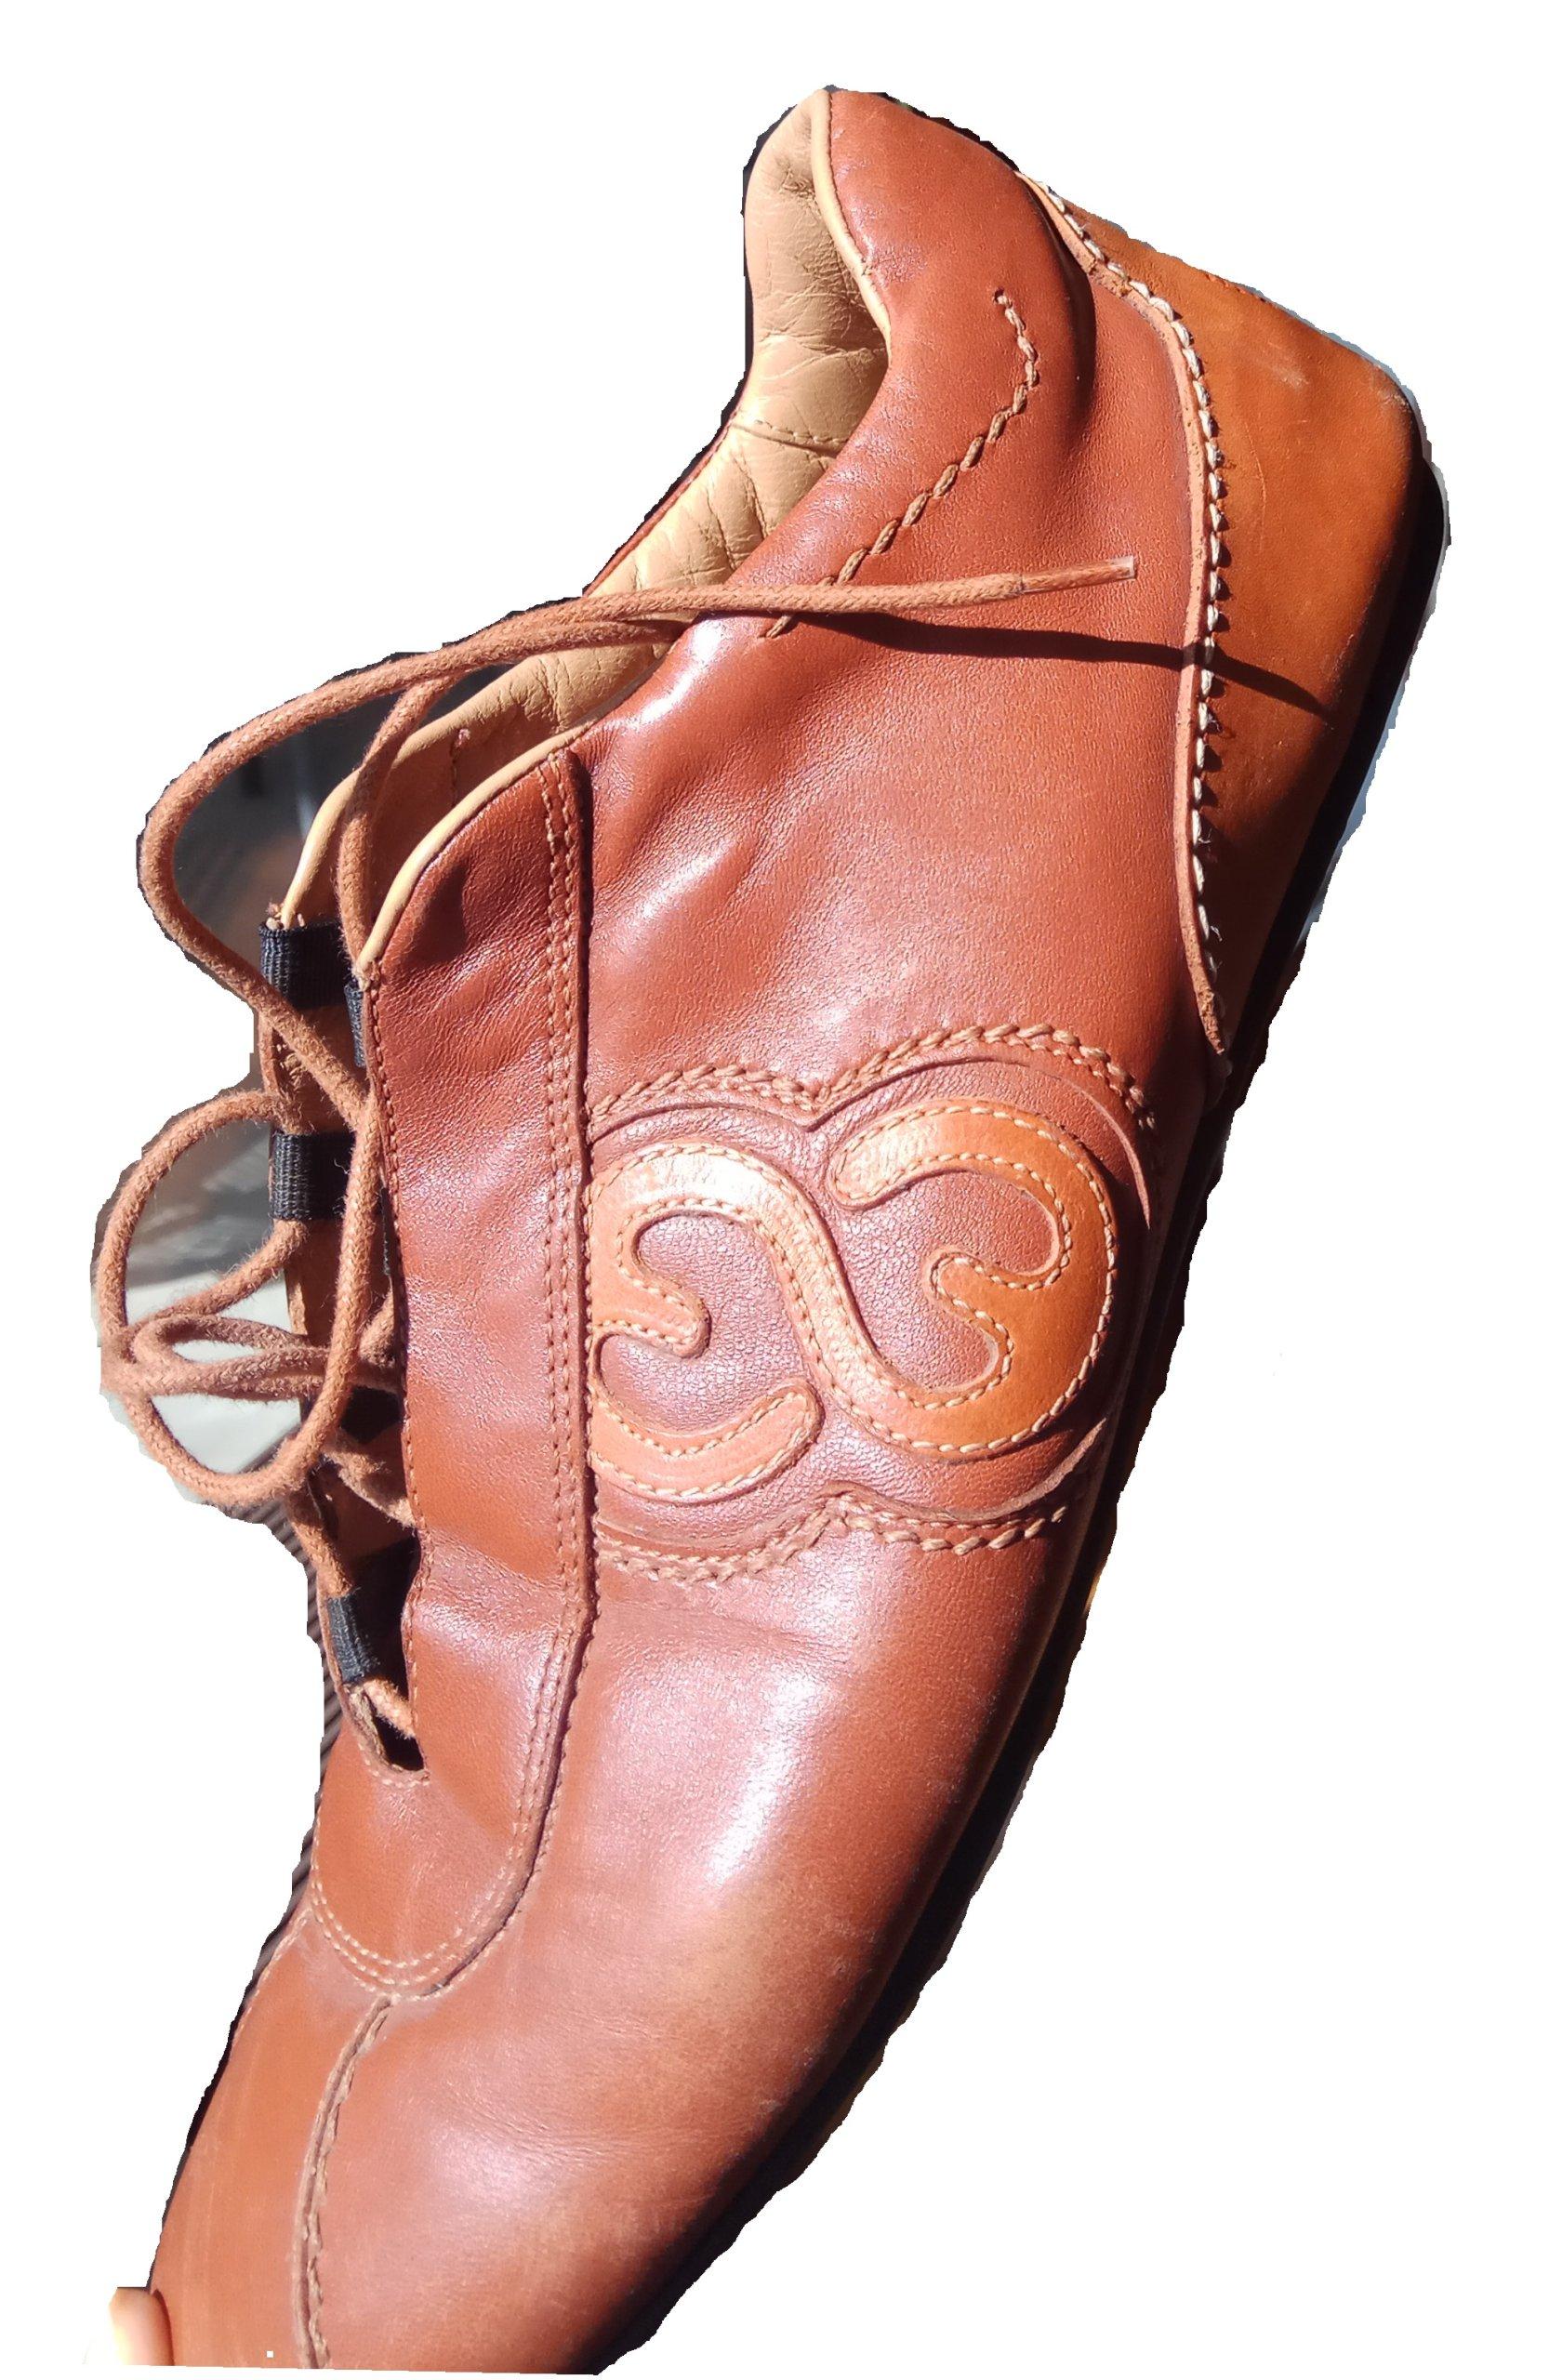 54d971f2001c8 ESCADA Sport buty sportowe 40,5 TANIO - 7298908385 - oficjalne ...